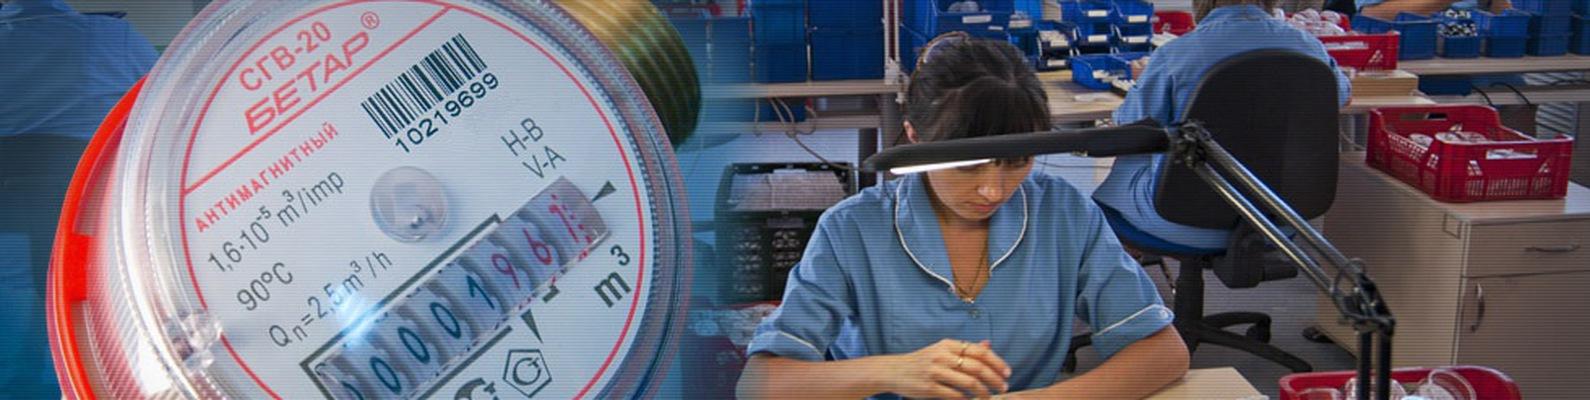 Установка, замена и регистрация счетчиков воды в нежилых помещениях